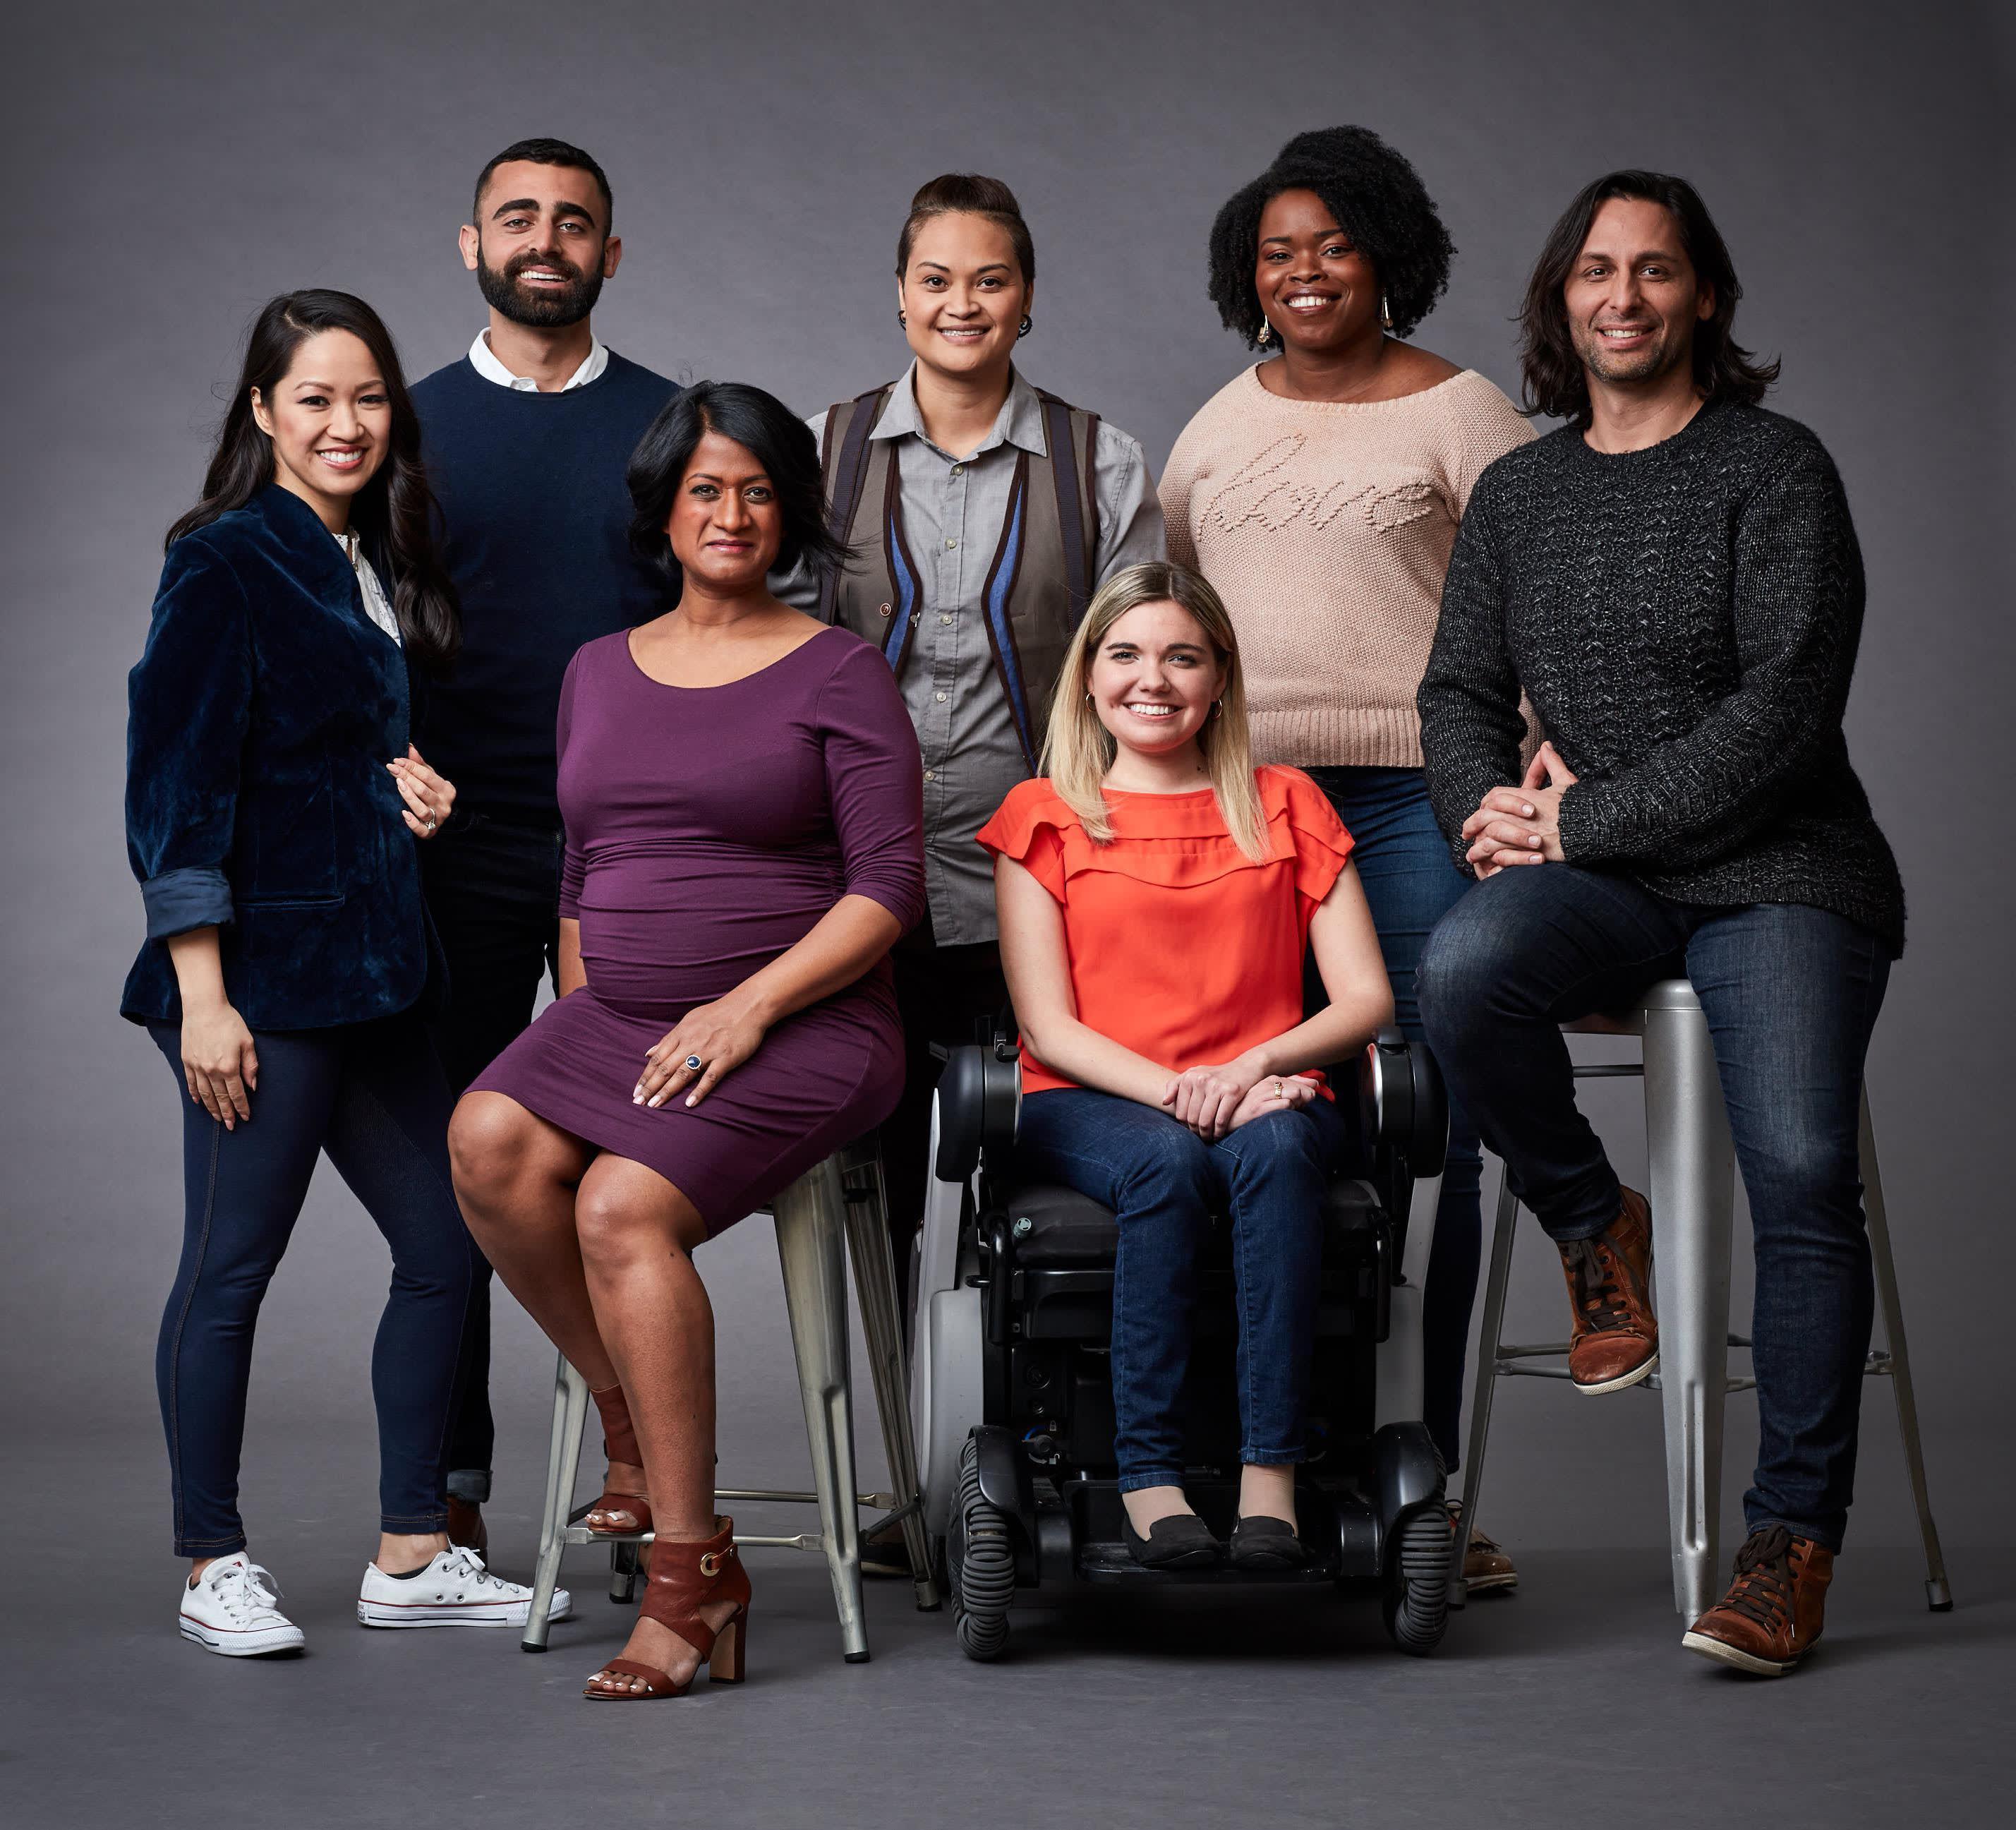 Mitglieder von Salesforce Ohana-Gruppen versammeln sich zu einem Foto.